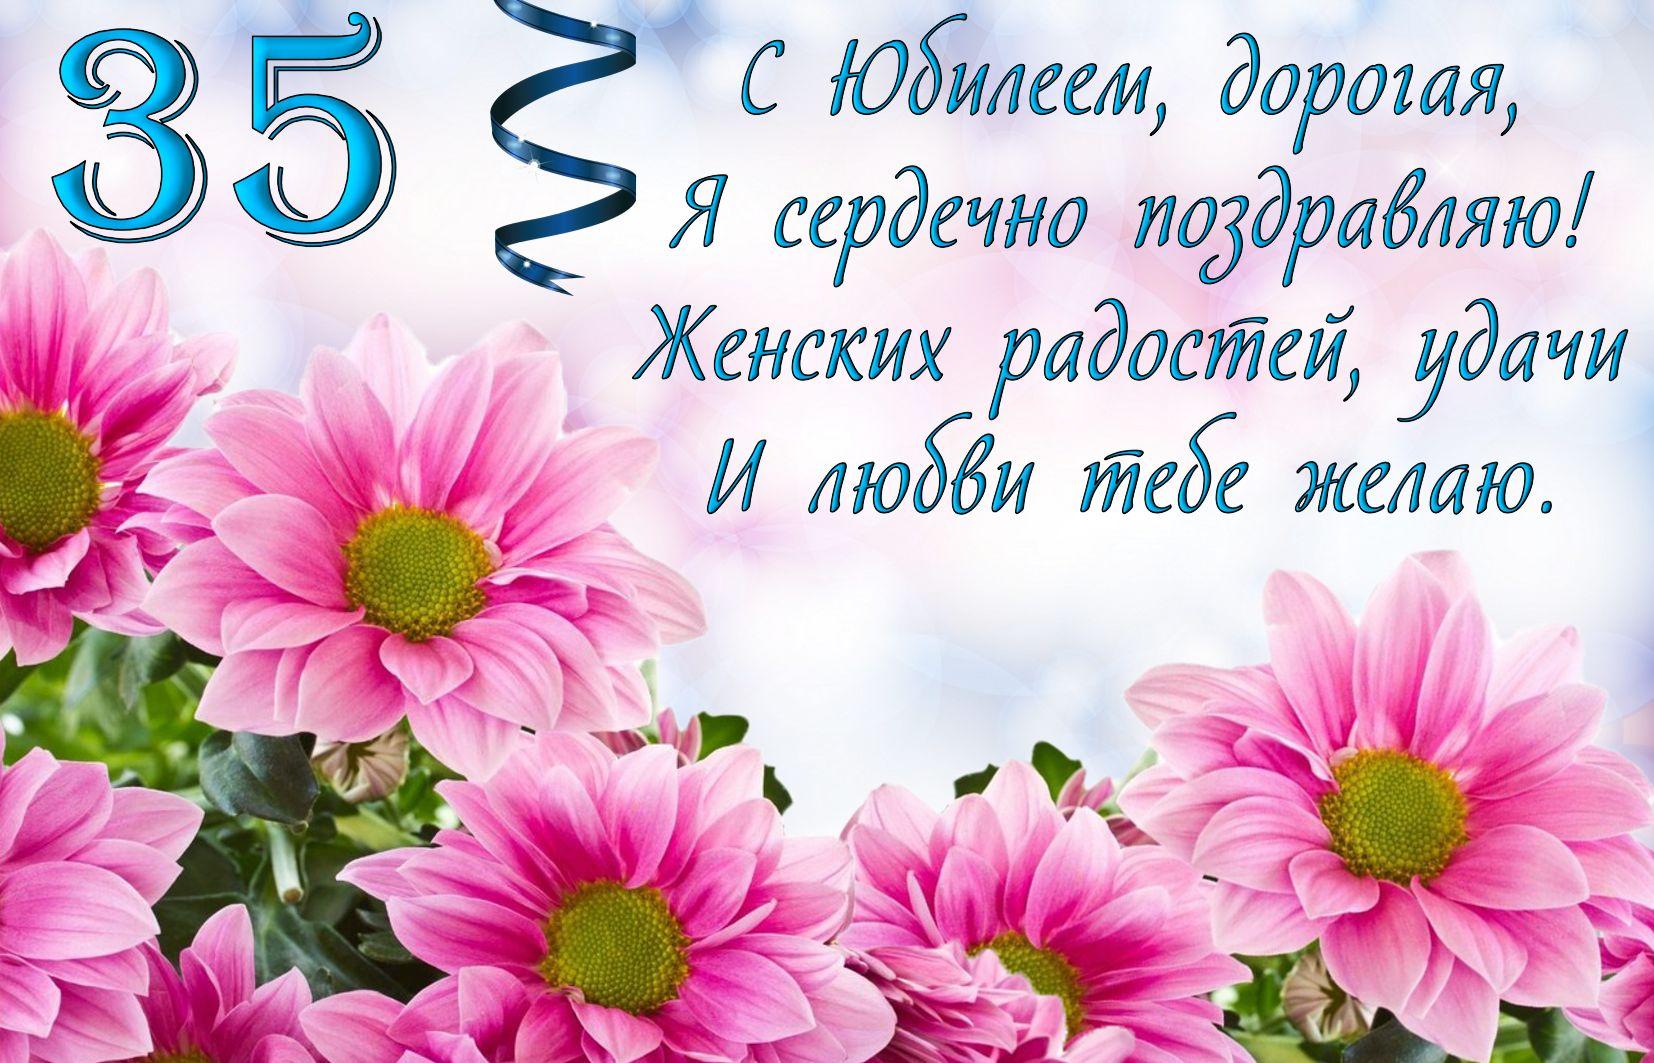 Поздравление с днем рождения надежде 35 лет